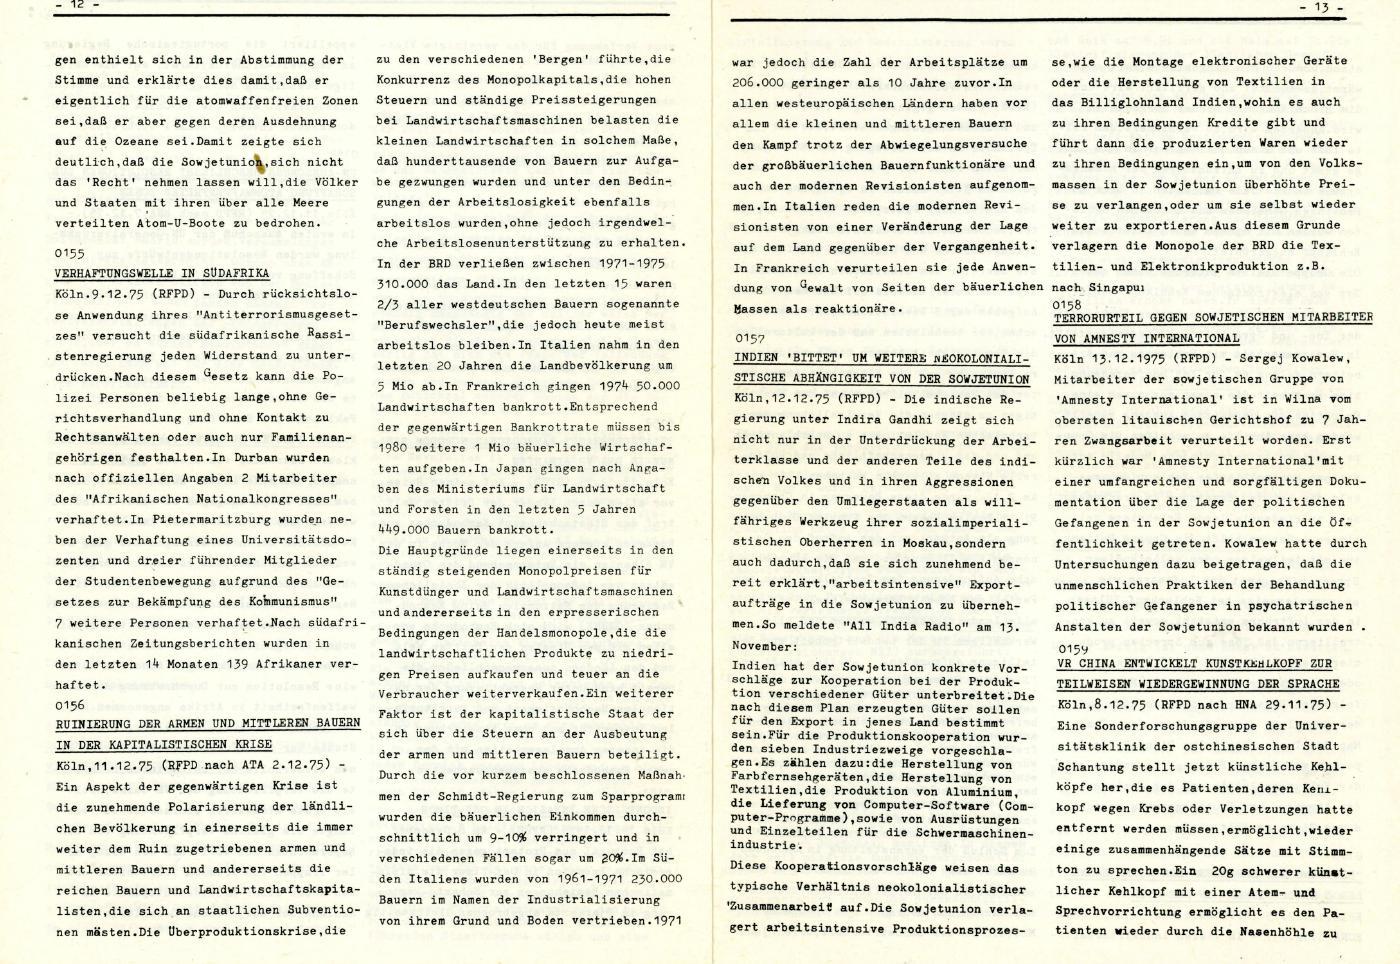 Rote_Fahne_Pressedienst_1975_06_07